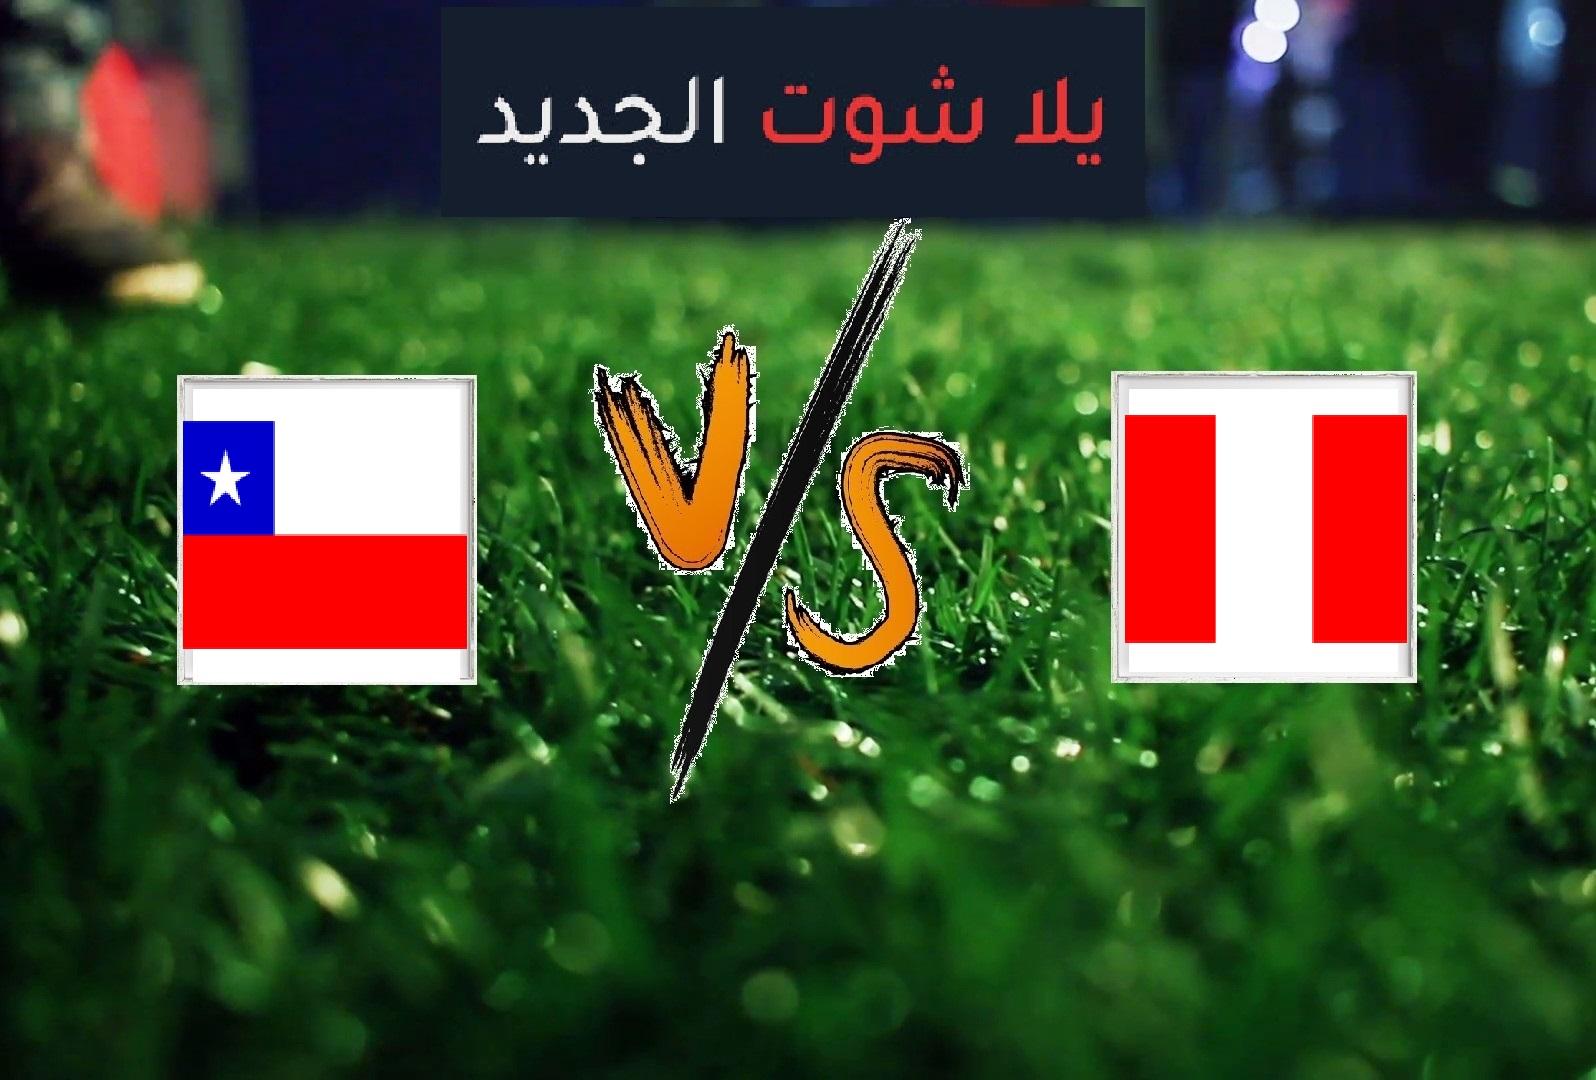 ملخص مباراة تشيلي والبيرو اليوم الخميس بتاريخ 04-07-2019 كوبا أمريكا 2019